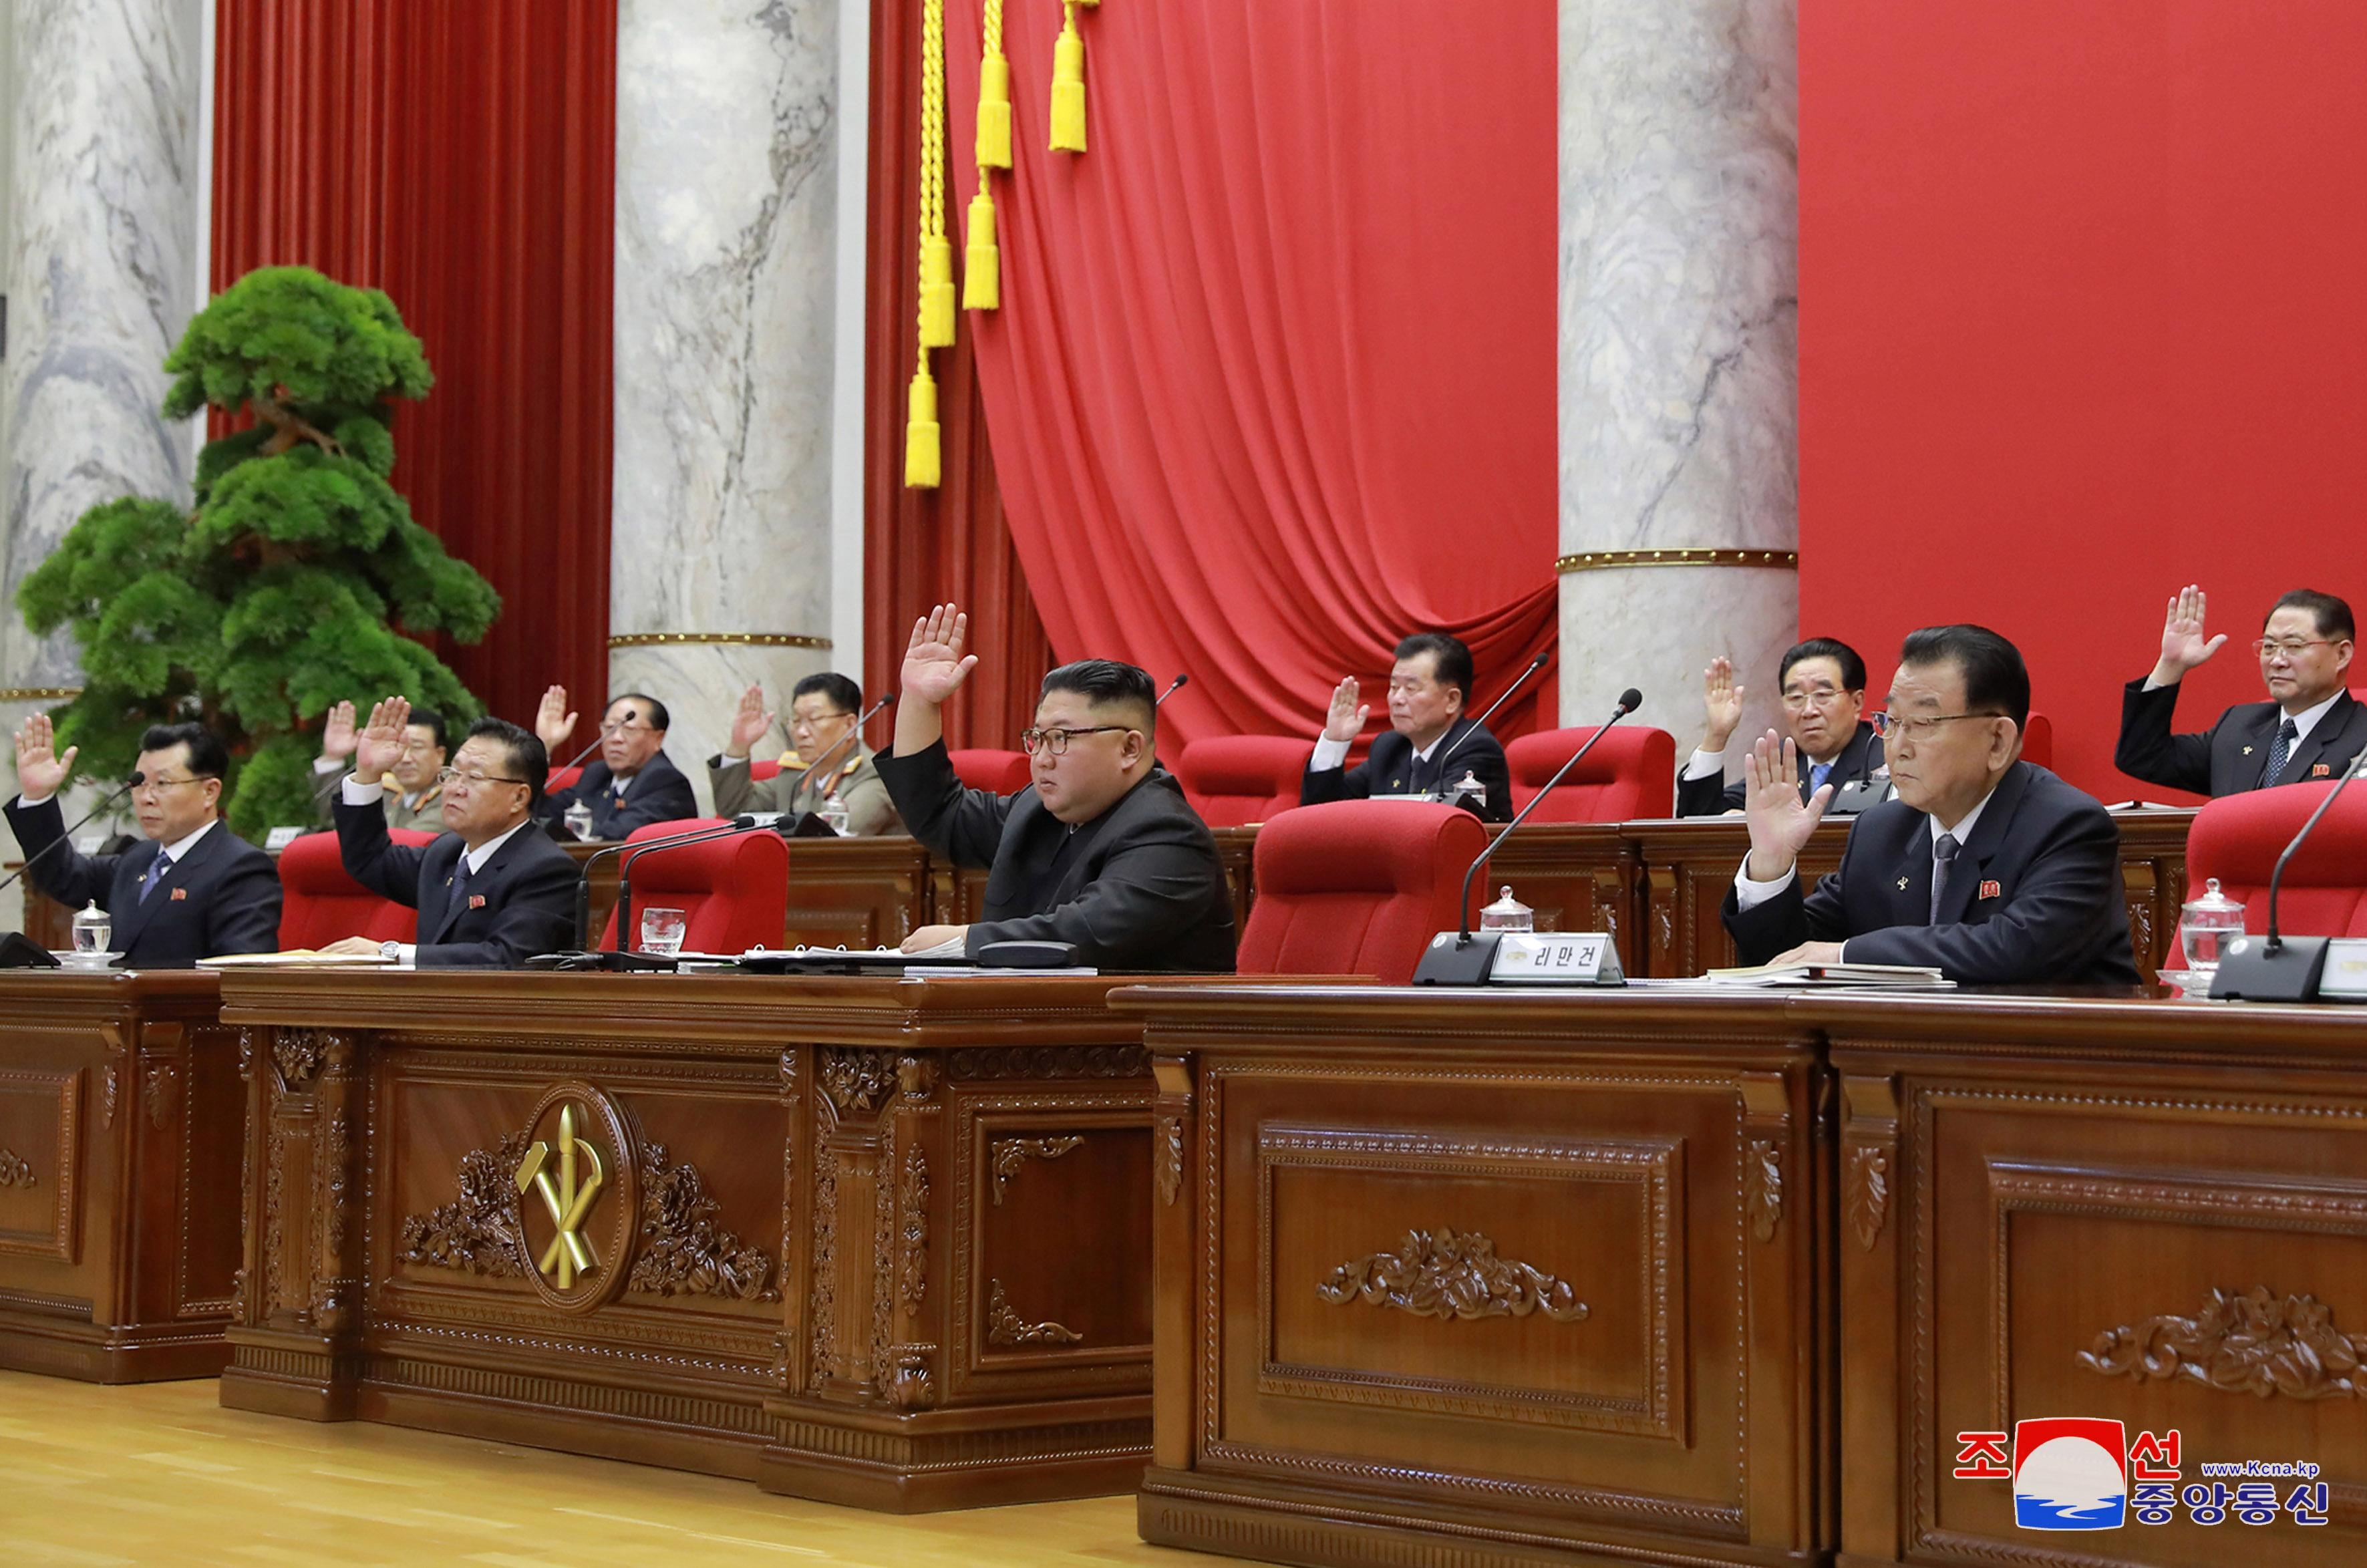 """Le leader nord-coréen promet une """"nouvelle arme stratégique"""", laisse la place aux discussions"""